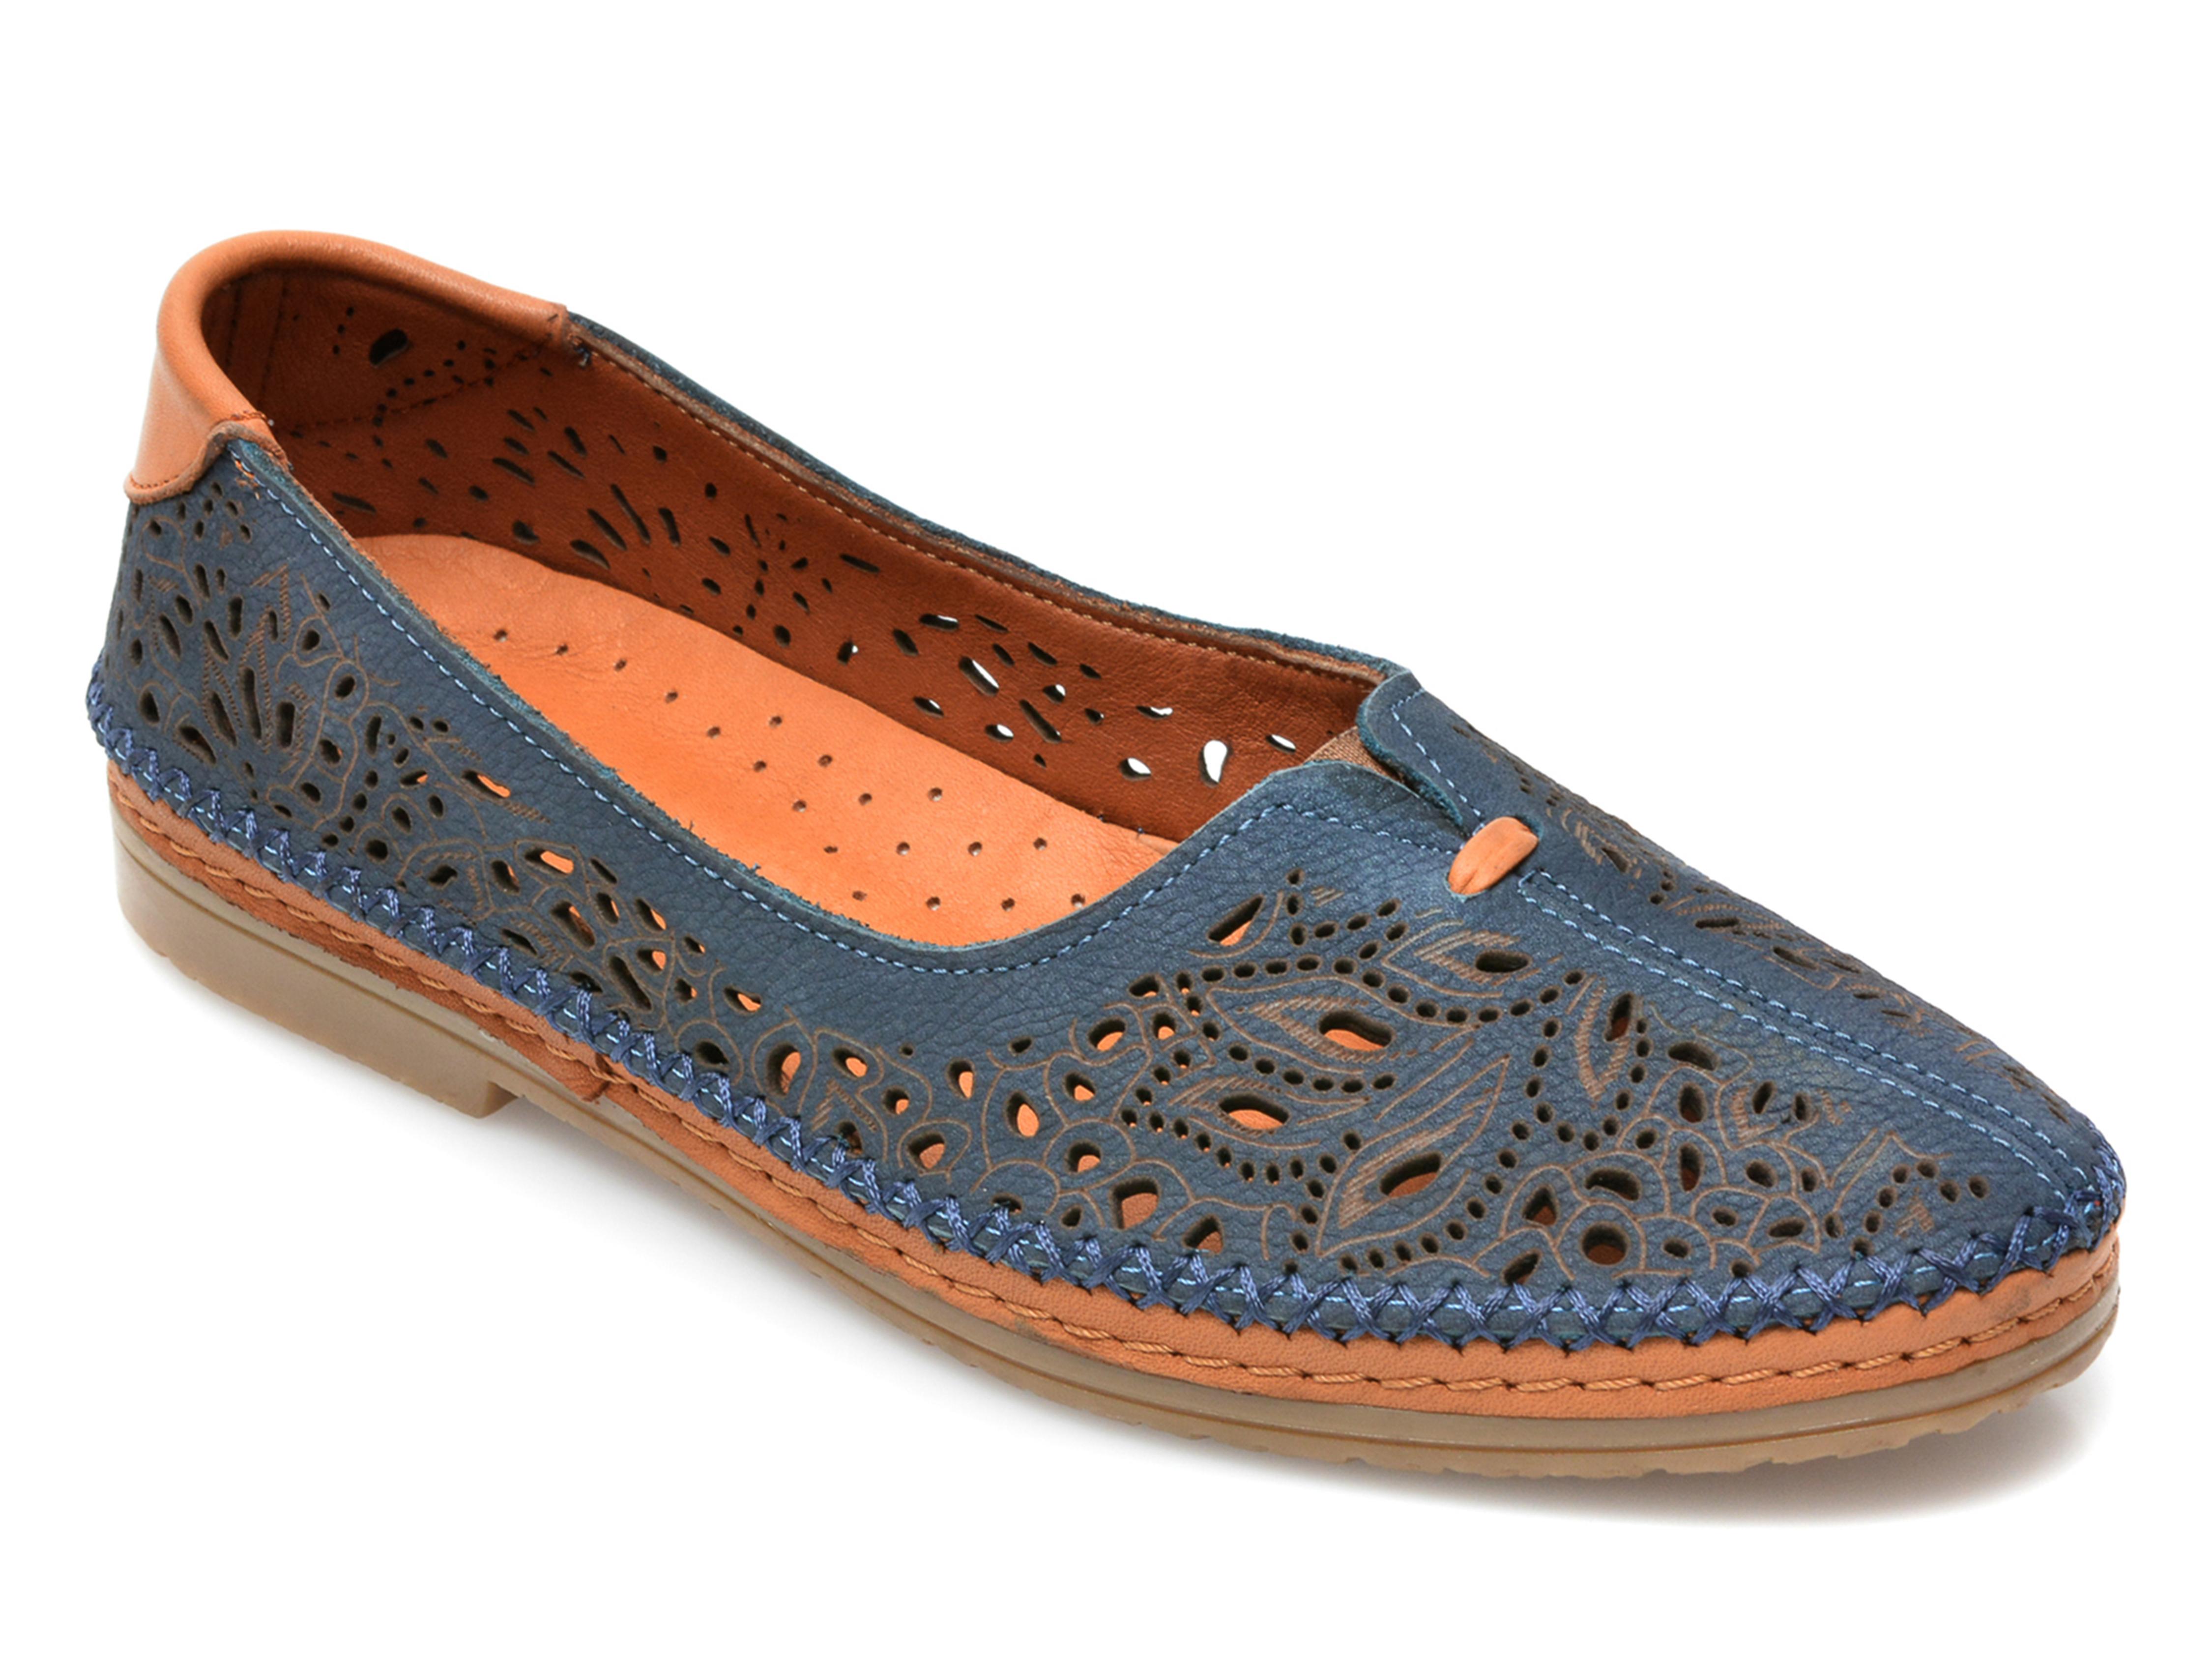 Pantofi ETERY albastri, 222211, din nabuc imagine otter.ro